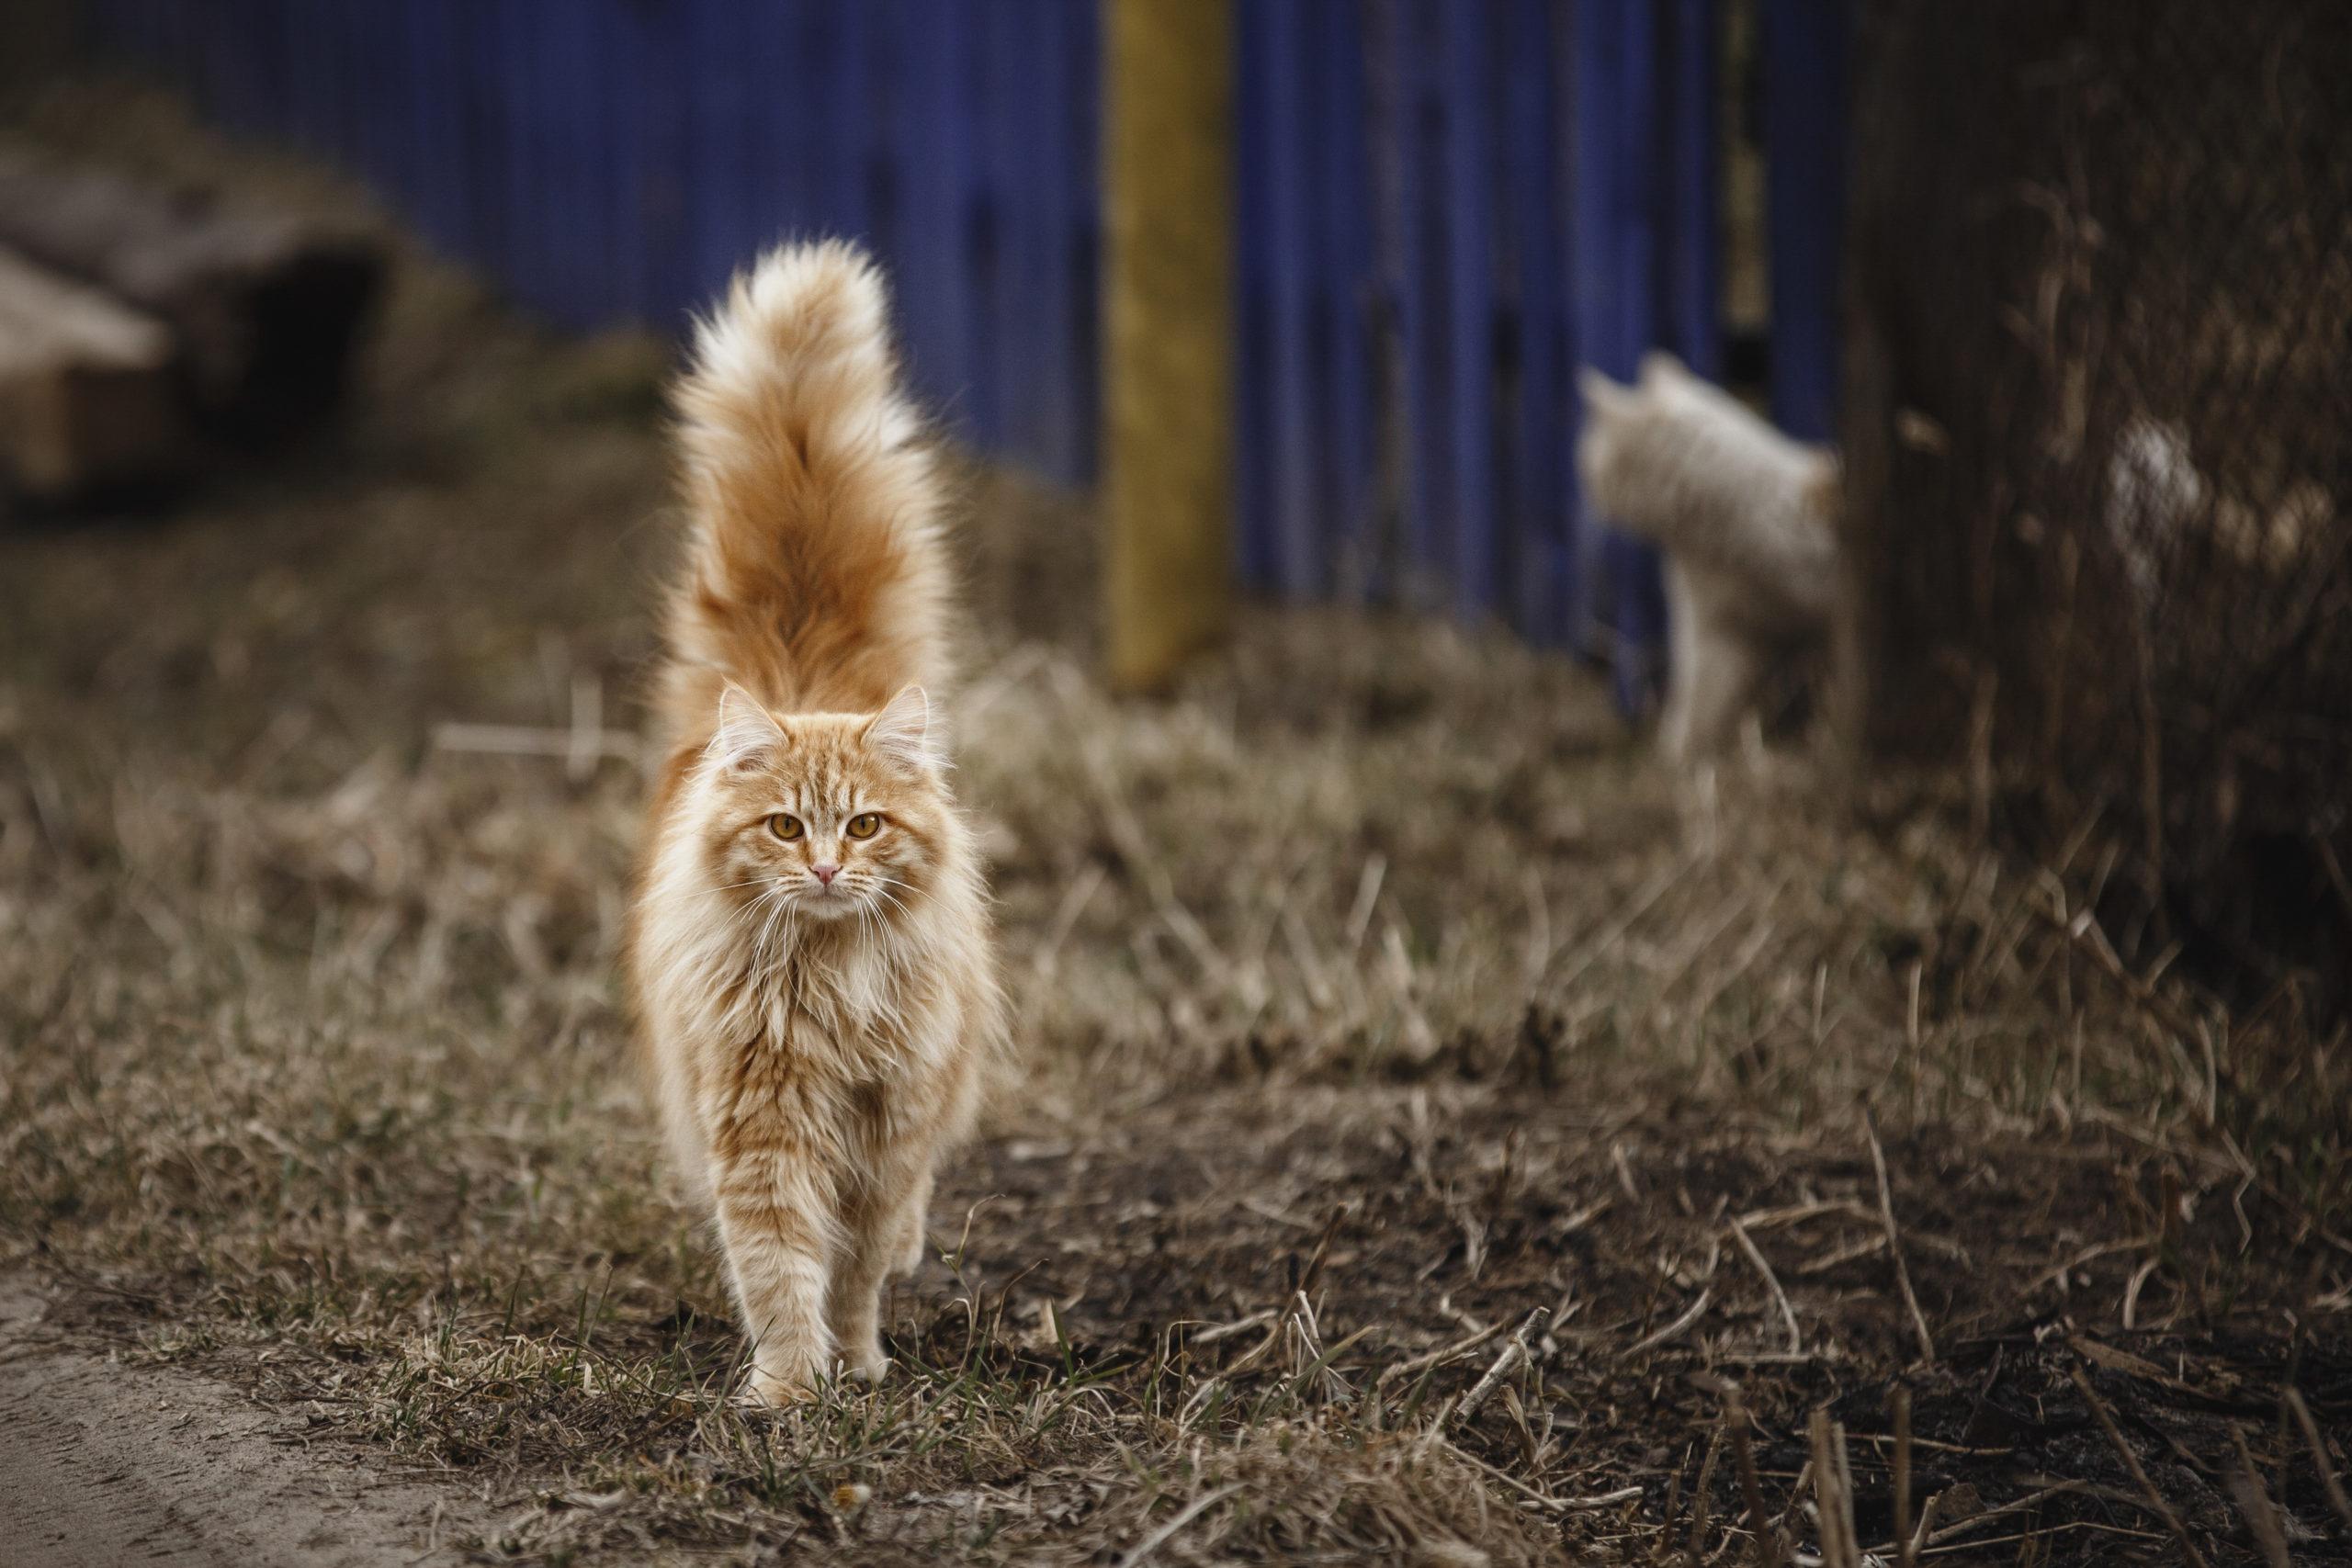 【可愛い】猫のしっぽがピーン【しっぽで分かる猫の気持ち】